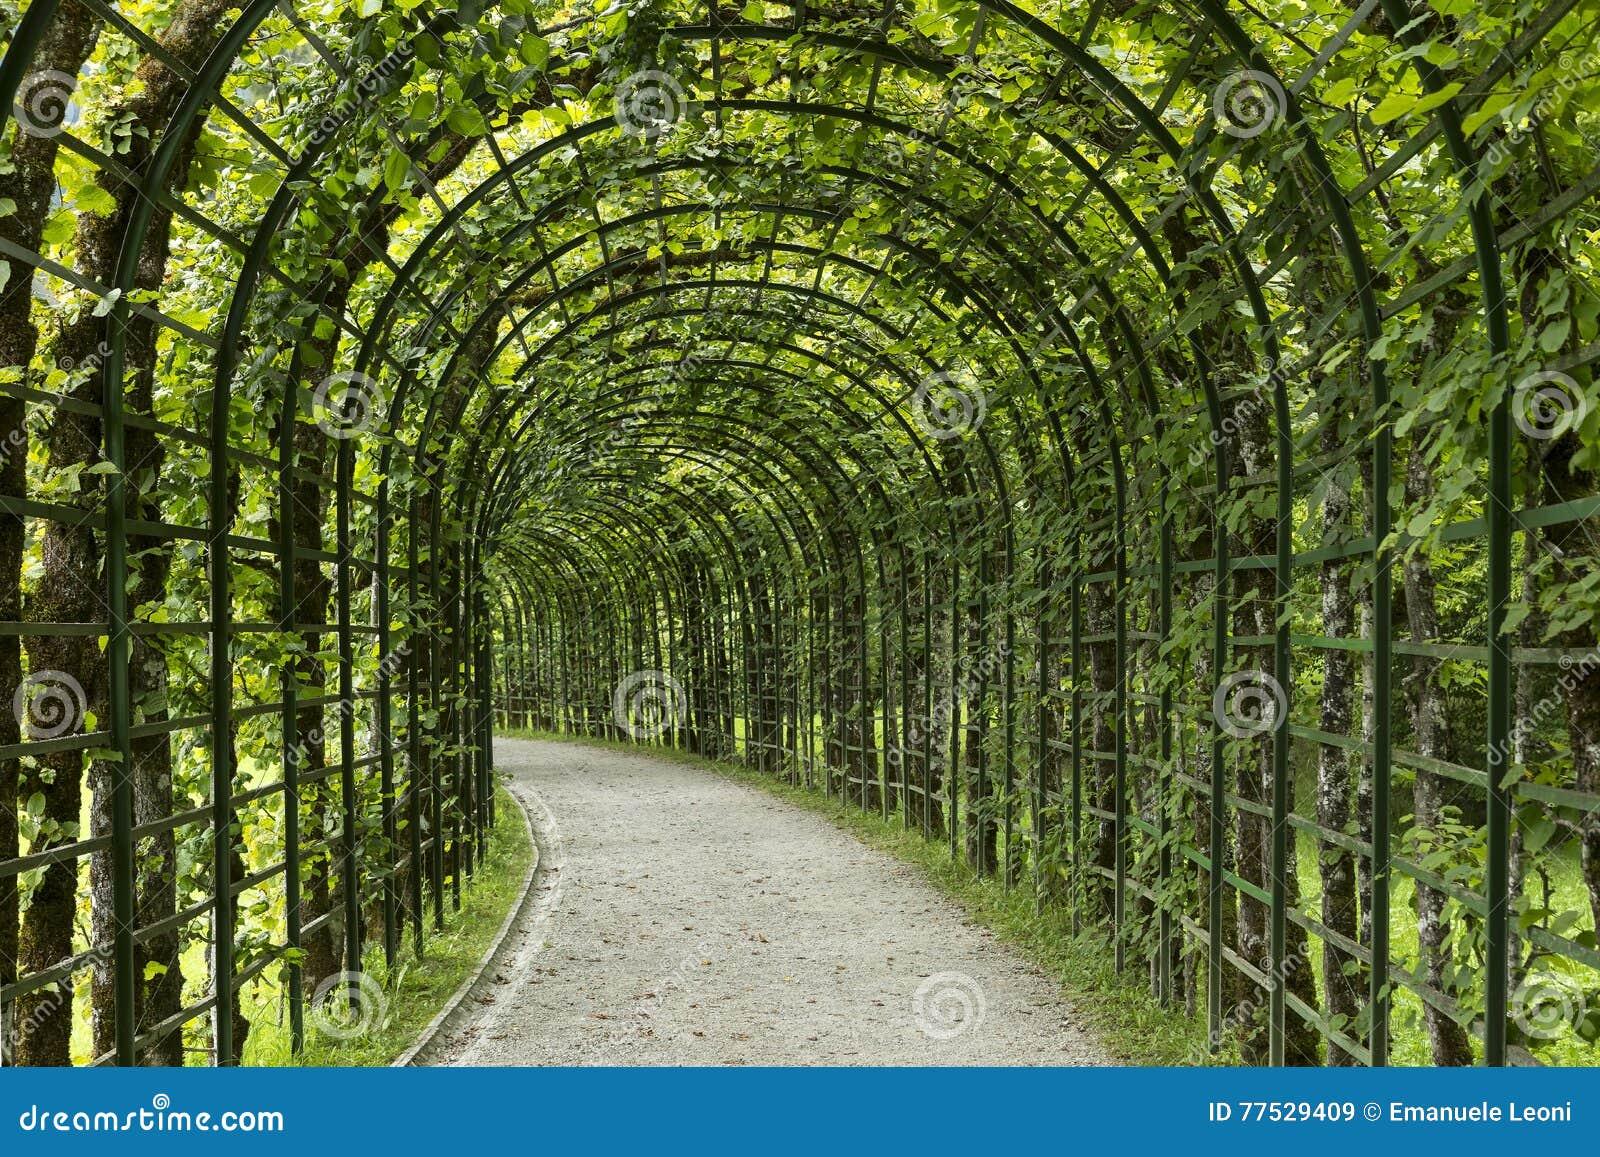 Garden pergola tunnel walkway in park.